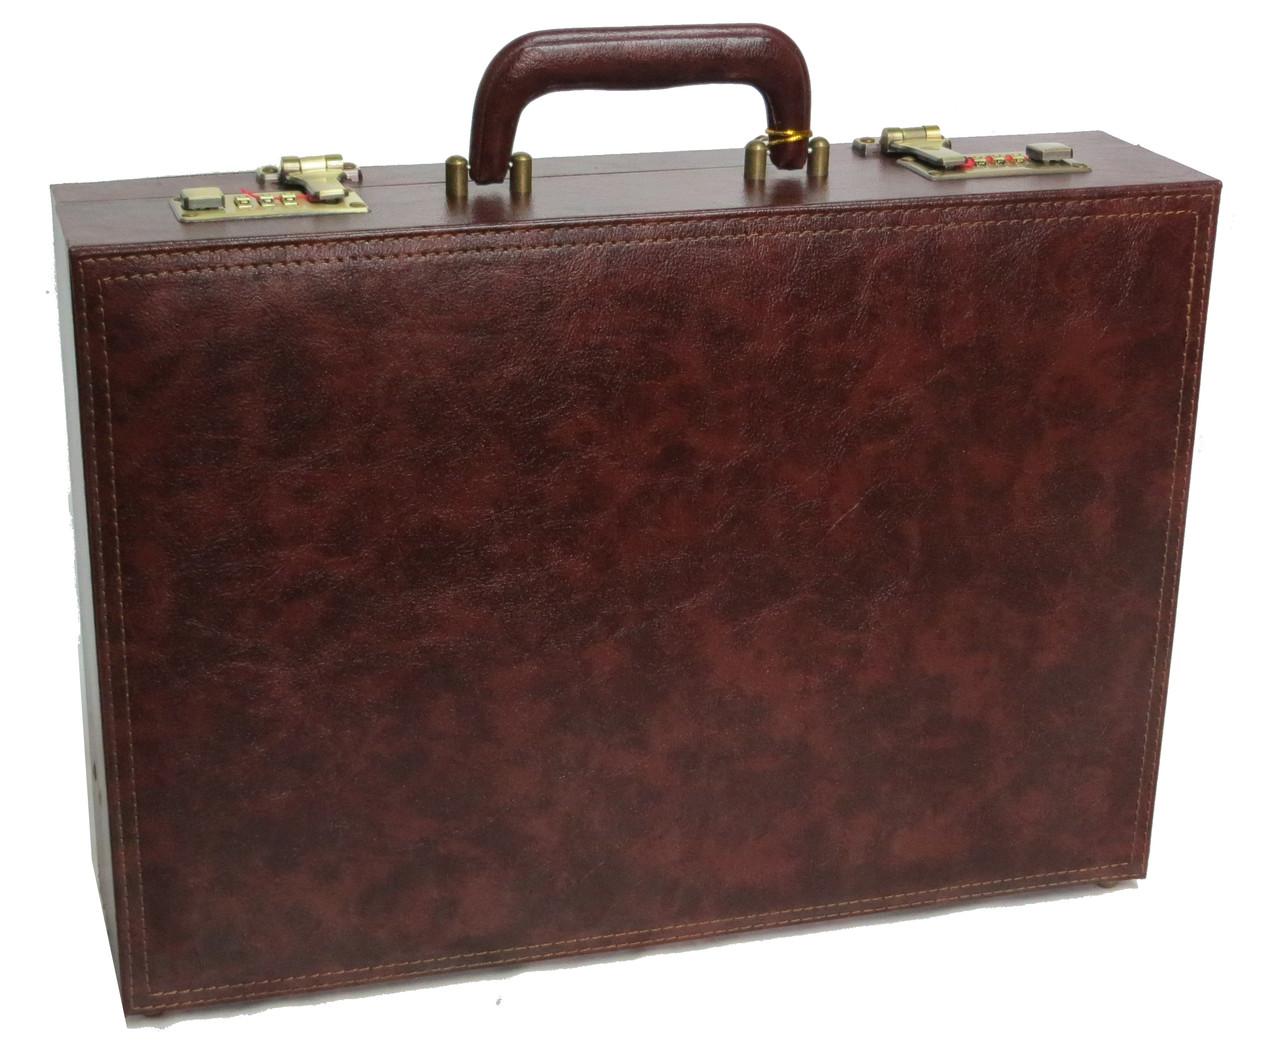 Мужской дипломат-кейс из искусственной кожи 4U Cavaldi коричневый A2101MA ШхВхГ: 42х30х10 см.